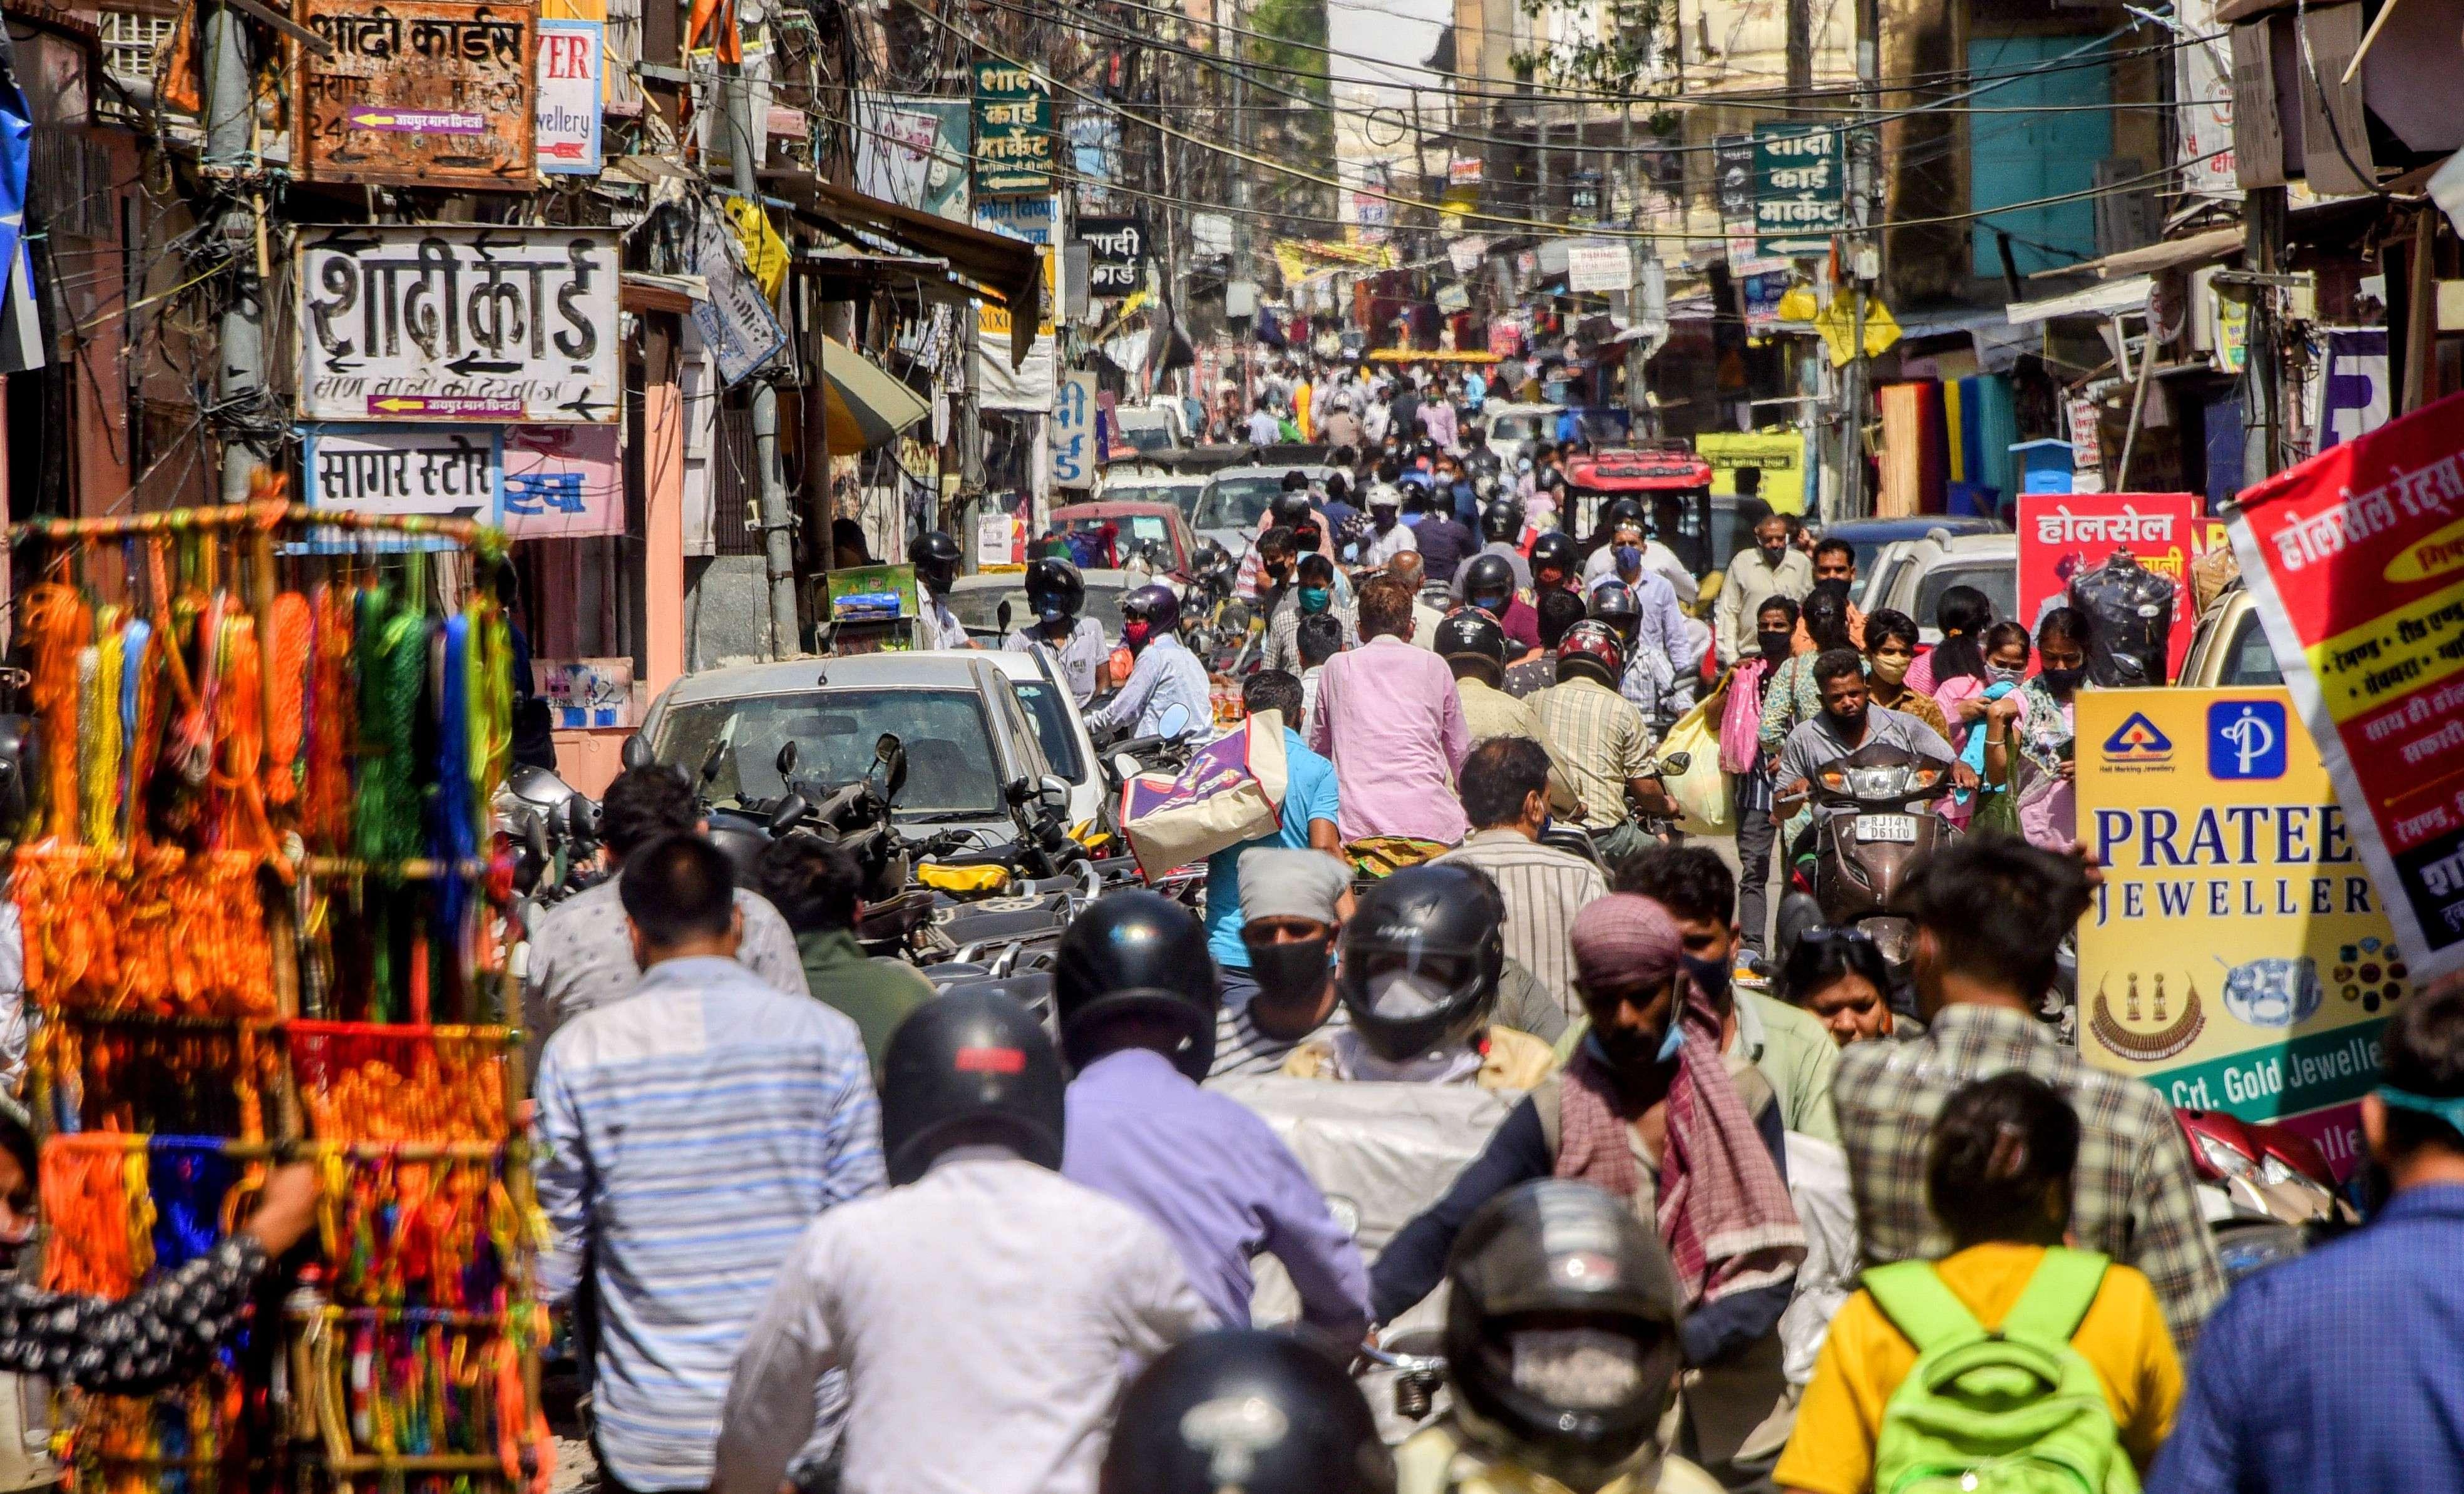 market reopen in modified lockdown